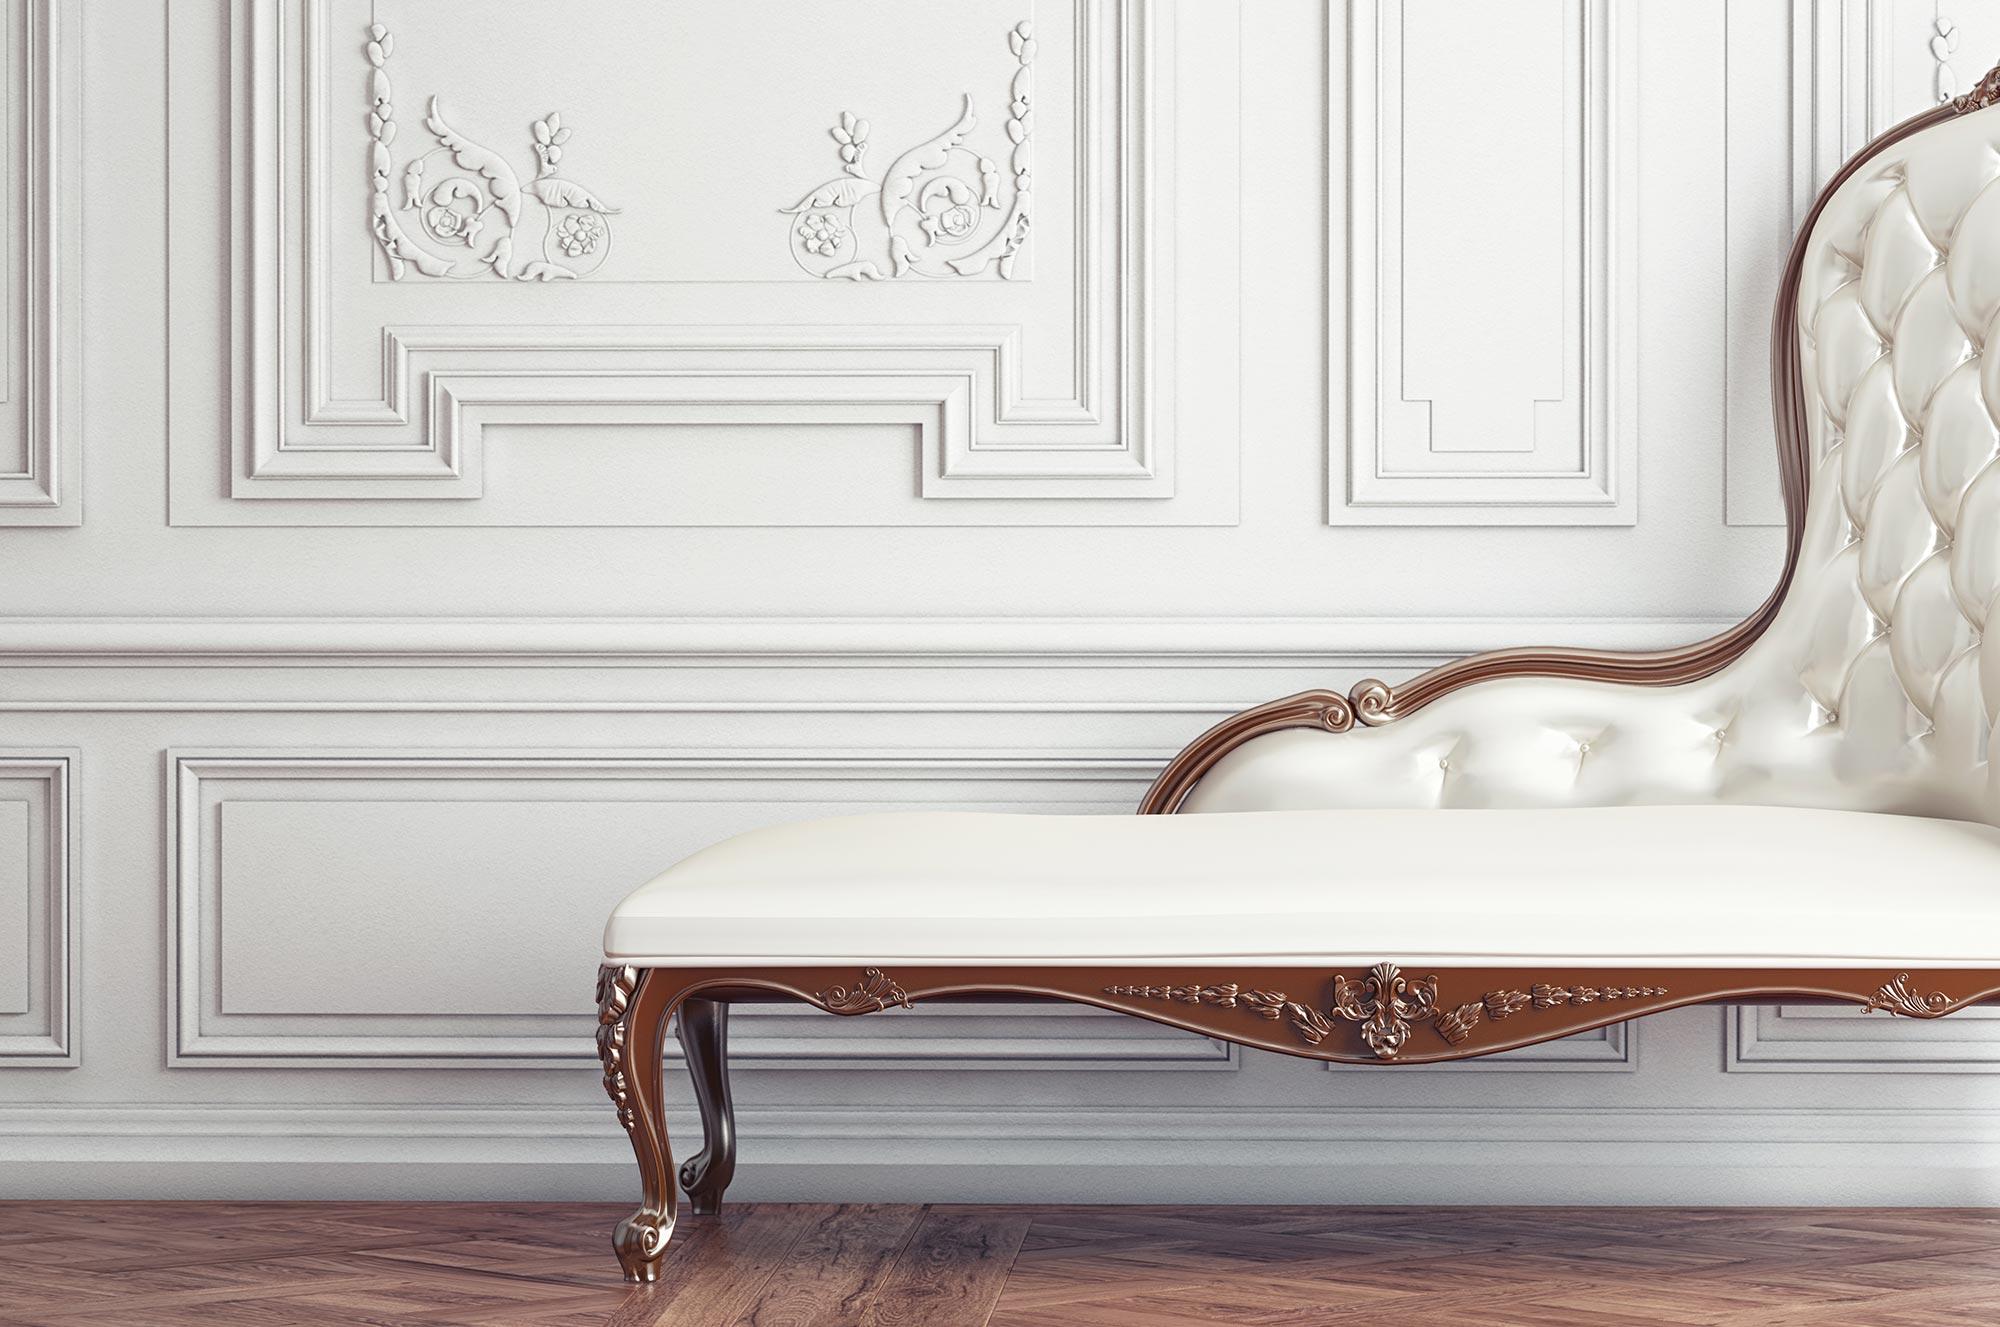 wohnstudio u1 inneneinrichtung klagenfurt parkett b den badezimmer. Black Bedroom Furniture Sets. Home Design Ideas